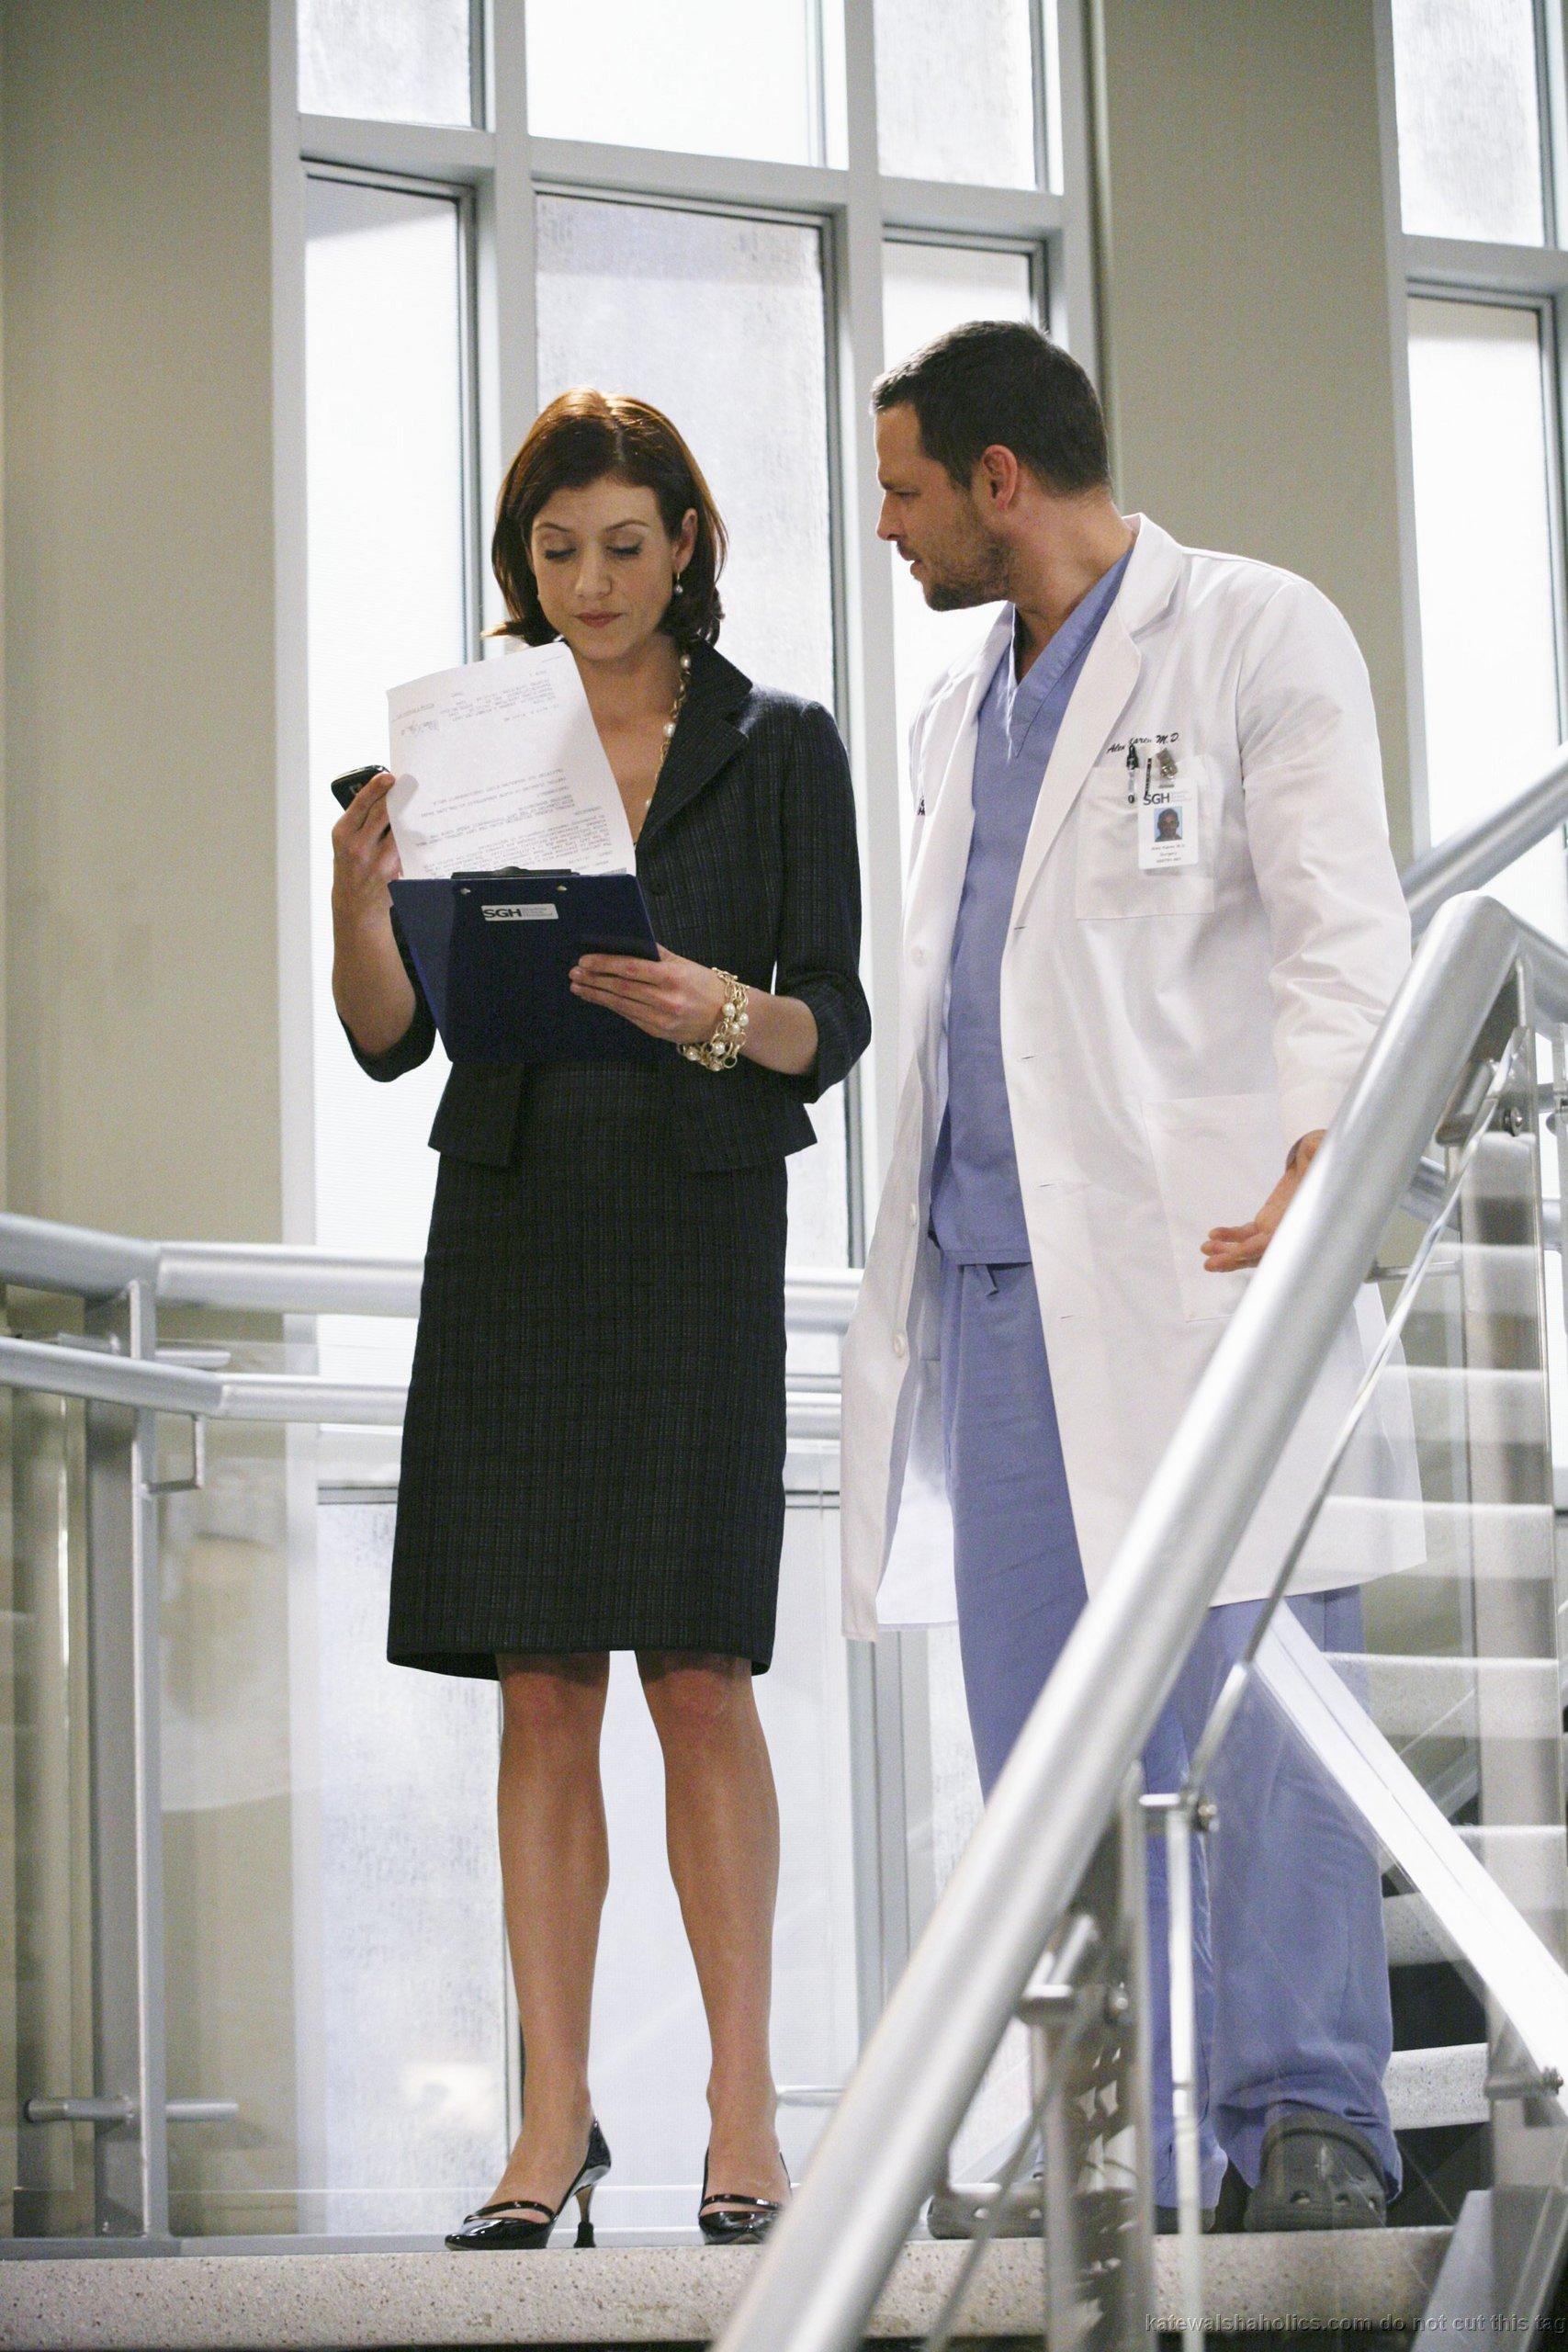 Private practice season 3 episode 16 cucirca - Free download latest ...